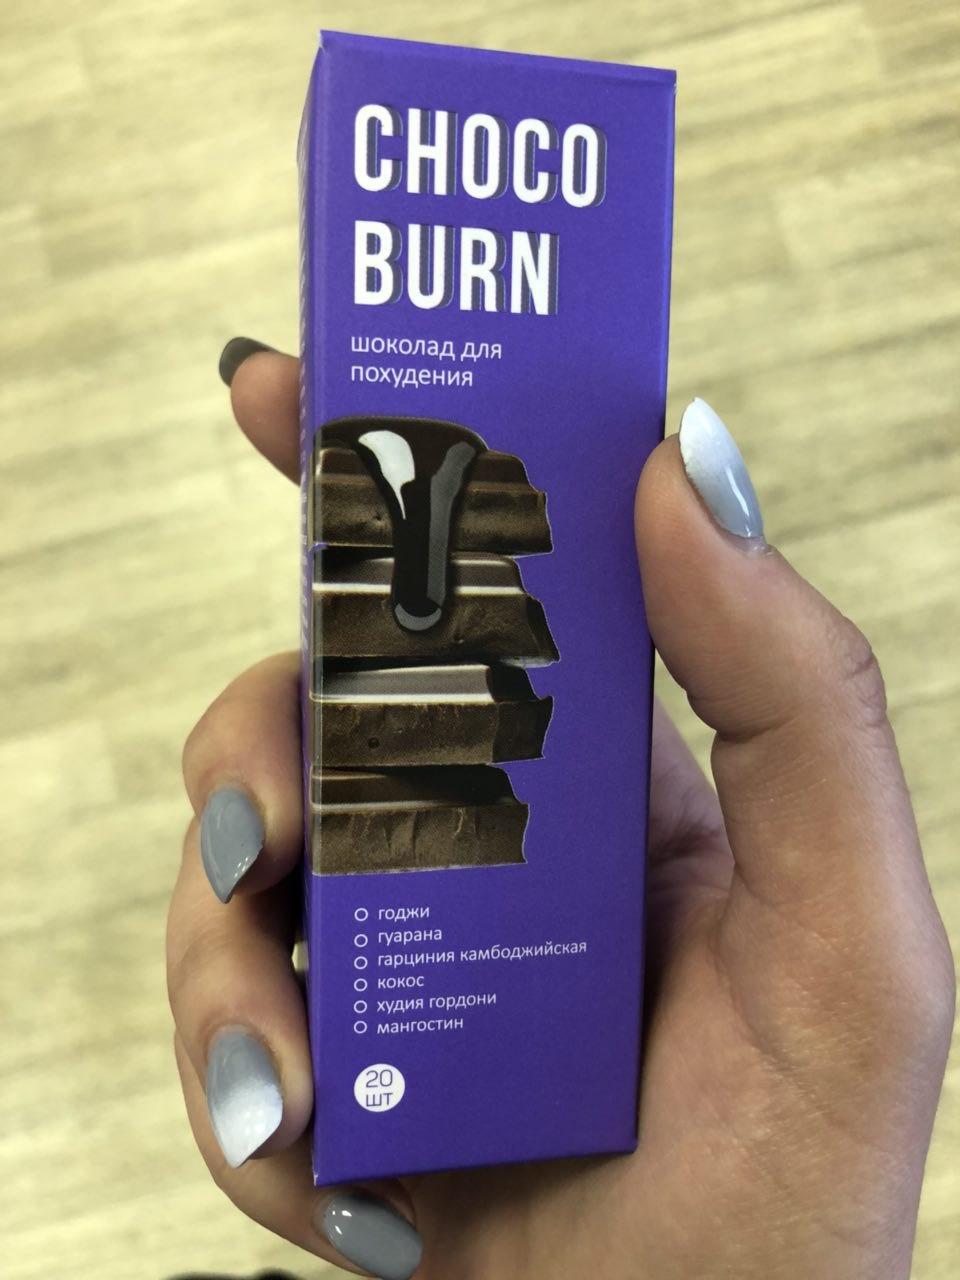 ChocoBurn - шоколад для похудения в Новокузнецке